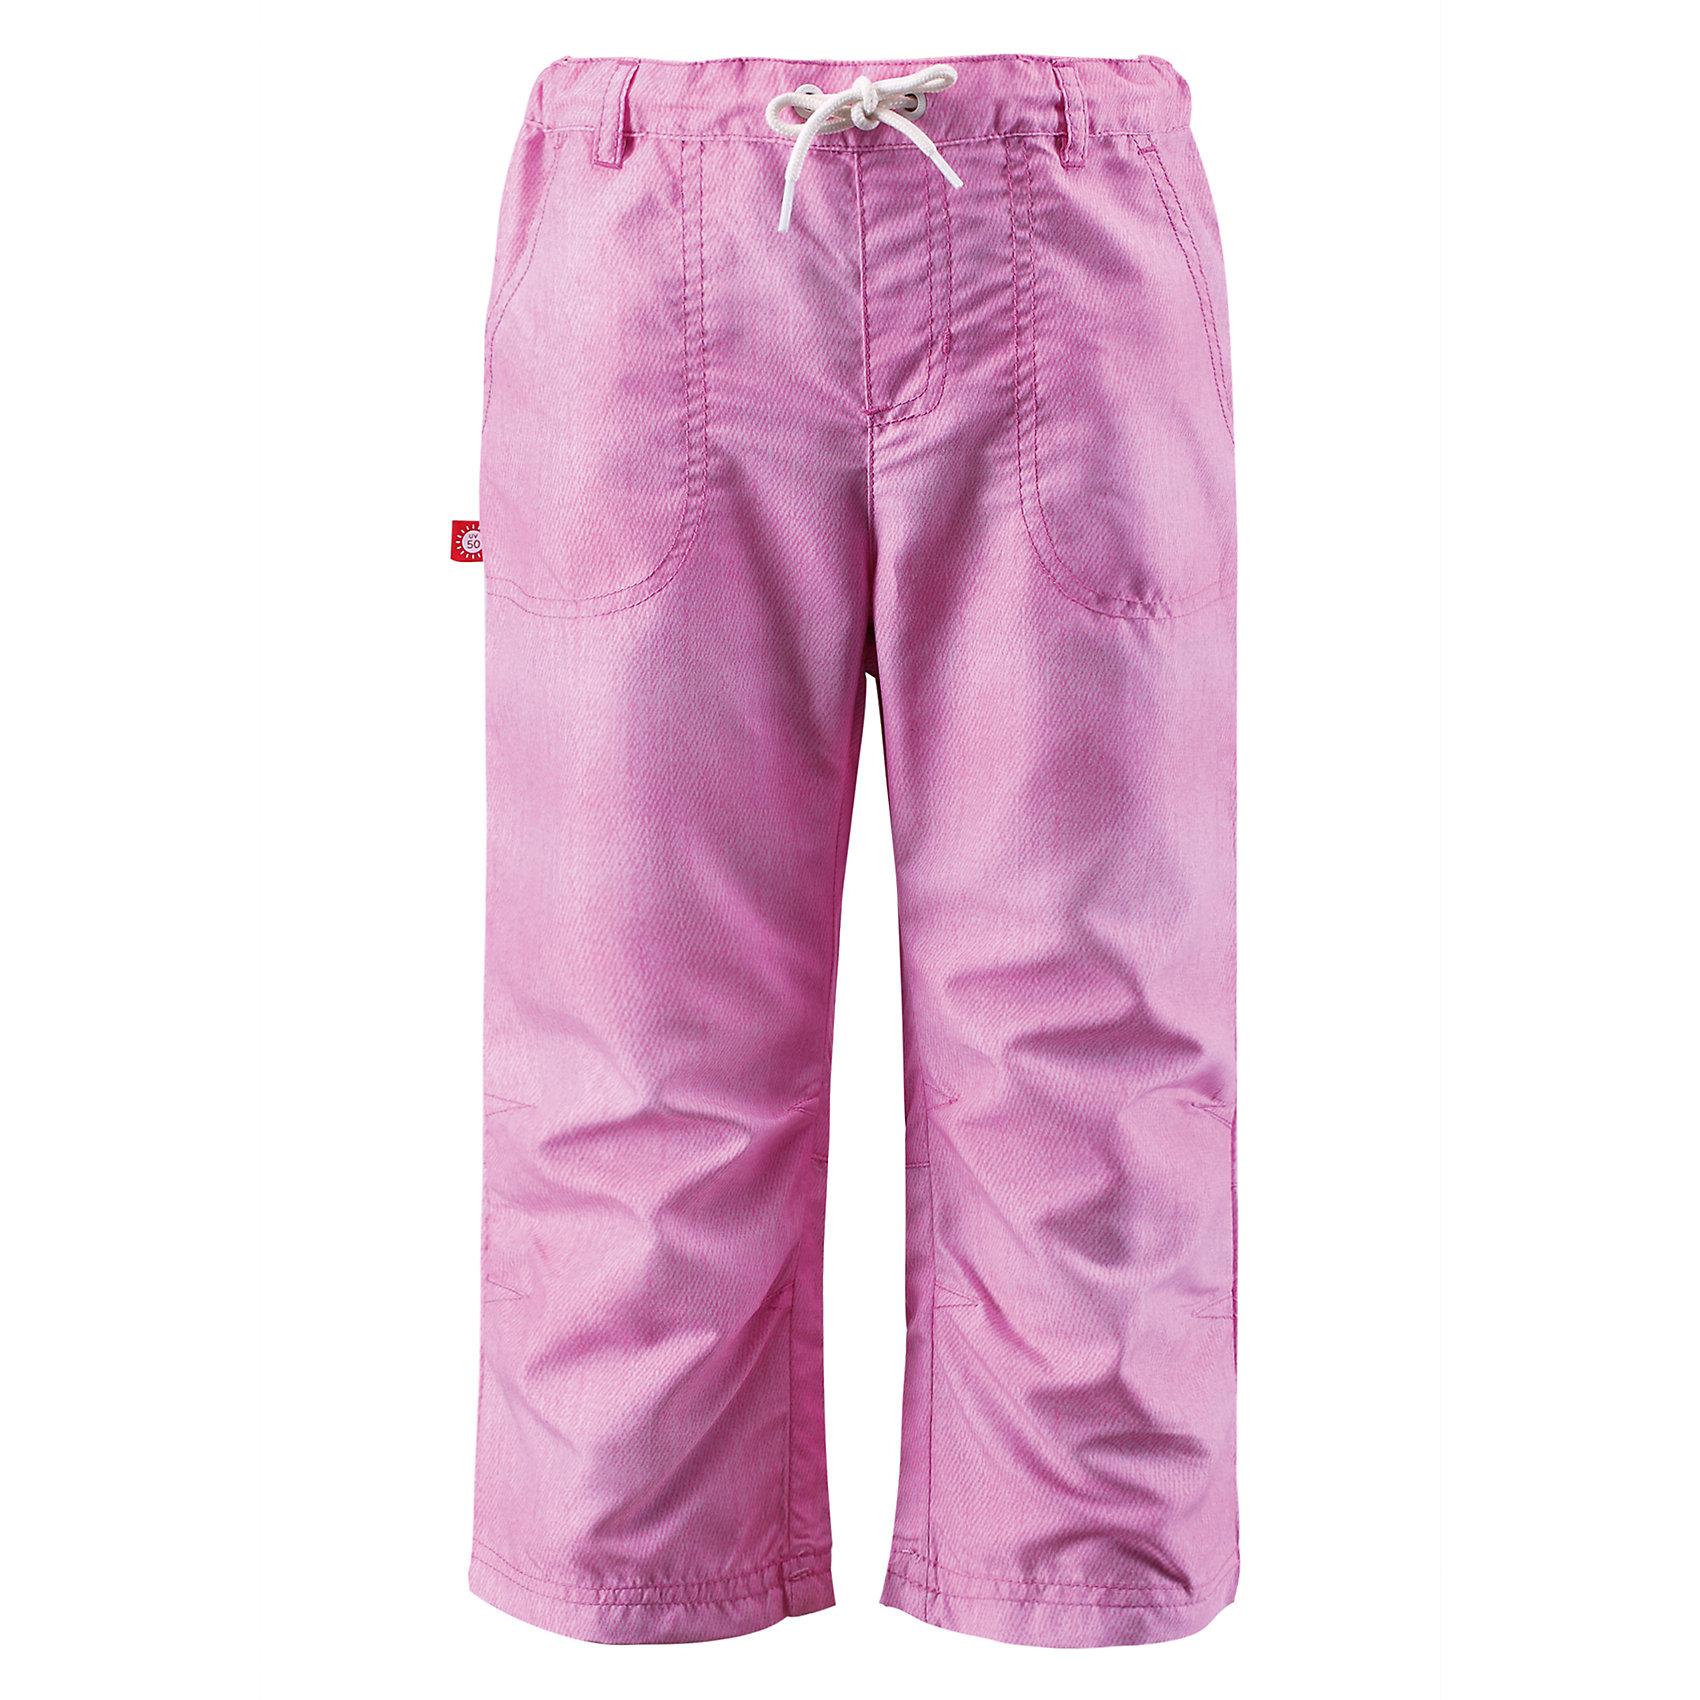 Брюки Synonym для девочки ReimaОдежда<br>Характеристики товара:<br><br>• цвет: розовый<br>• состав: 100% полиэстер<br>• температурный режим: от +15°до +5°С<br>• без утеплителя<br>• легкий материал<br>• дышащие<br>• шлевки<br>• шнурок в поясе<br>• карманы<br>• комфортная посадка<br>• страна производства: Китай<br>• страна бренда: Финляндия<br><br>Такие легкие брюки - отличный вариант одежды для межсезонья! Они помогут обеспечить ребенку комфорт и не помешают коже дышать. Брюки отлично смотрится с различной одеждой и обувью. Изделие удобно сидит и модно выглядит. Стильный дизайн разрабатывался специально для детей.<br><br>Аксессуары, одежда и обувь от финского бренда Reima пользуется популярностью во многих странах. Эти изделия стильные, качественные и удобные. Для производства продукции используются только безопасные, проверенные материалы и фурнитура. Порадуйте ребенка модными и красивыми вещами от Reima! <br><br>Брюки Synonym для девочки от финского бренда Reima (Рейма) можно купить в нашем интернет-магазине.<br><br>Ширина мм: 215<br>Глубина мм: 88<br>Высота мм: 191<br>Вес г: 336<br>Цвет: розовый<br>Возраст от месяцев: 96<br>Возраст до месяцев: 108<br>Пол: Унисекс<br>Возраст: Детский<br>Размер: 134,104,116,122,128,110<br>SKU: 5415506